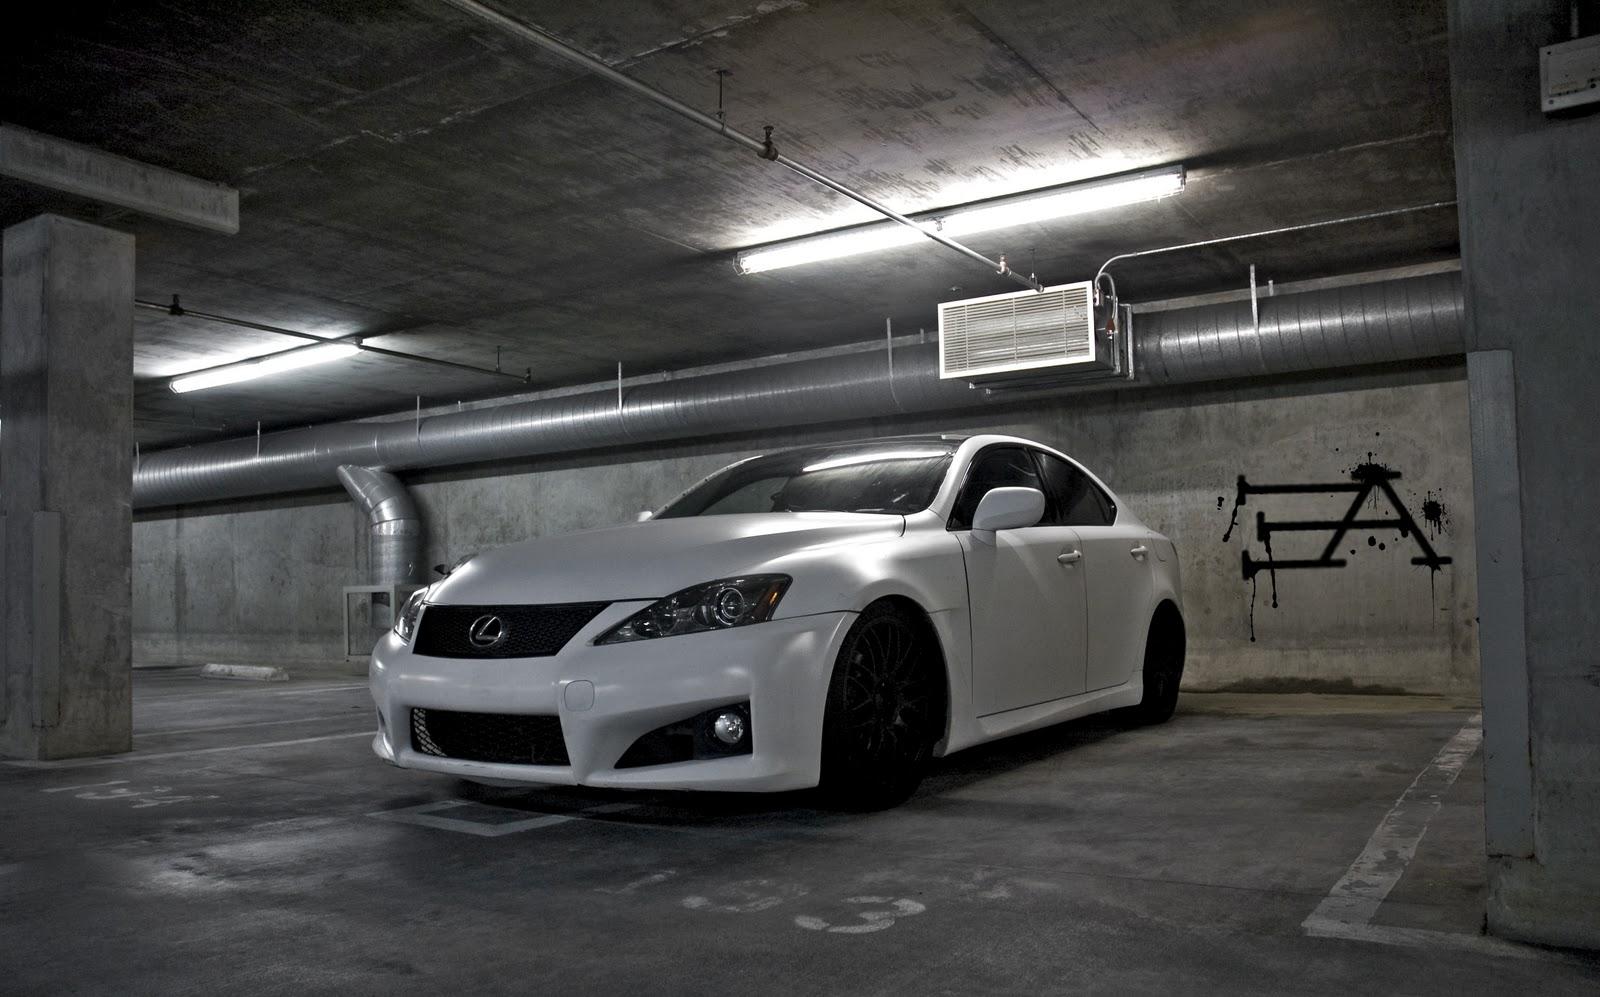 Lexus Is250 Jdm - Viewing Gallery